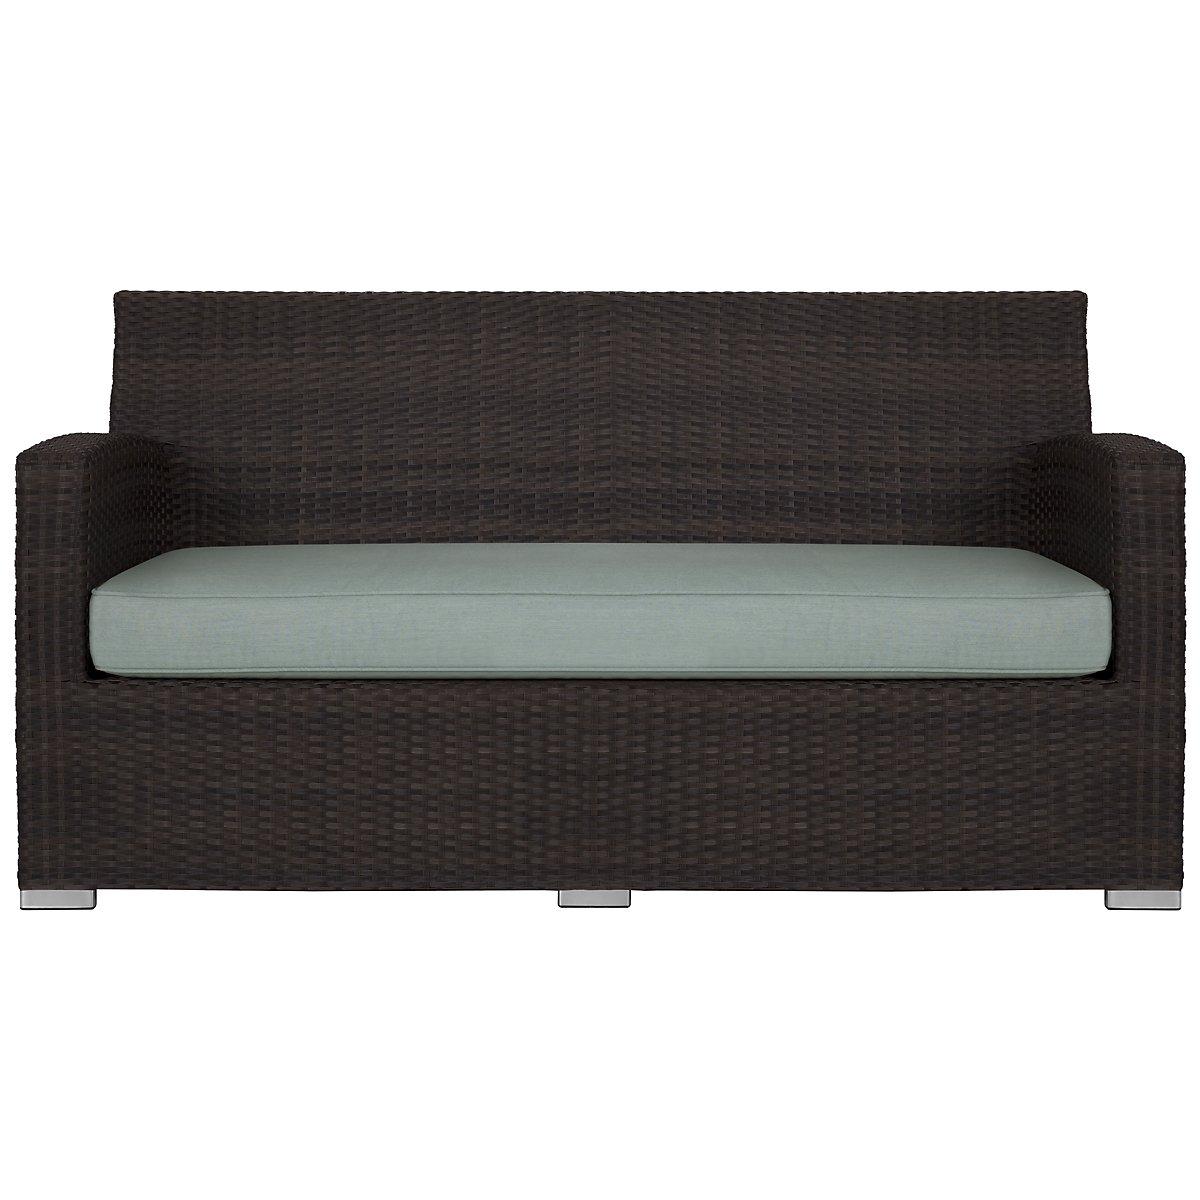 Grate Teal Sofa